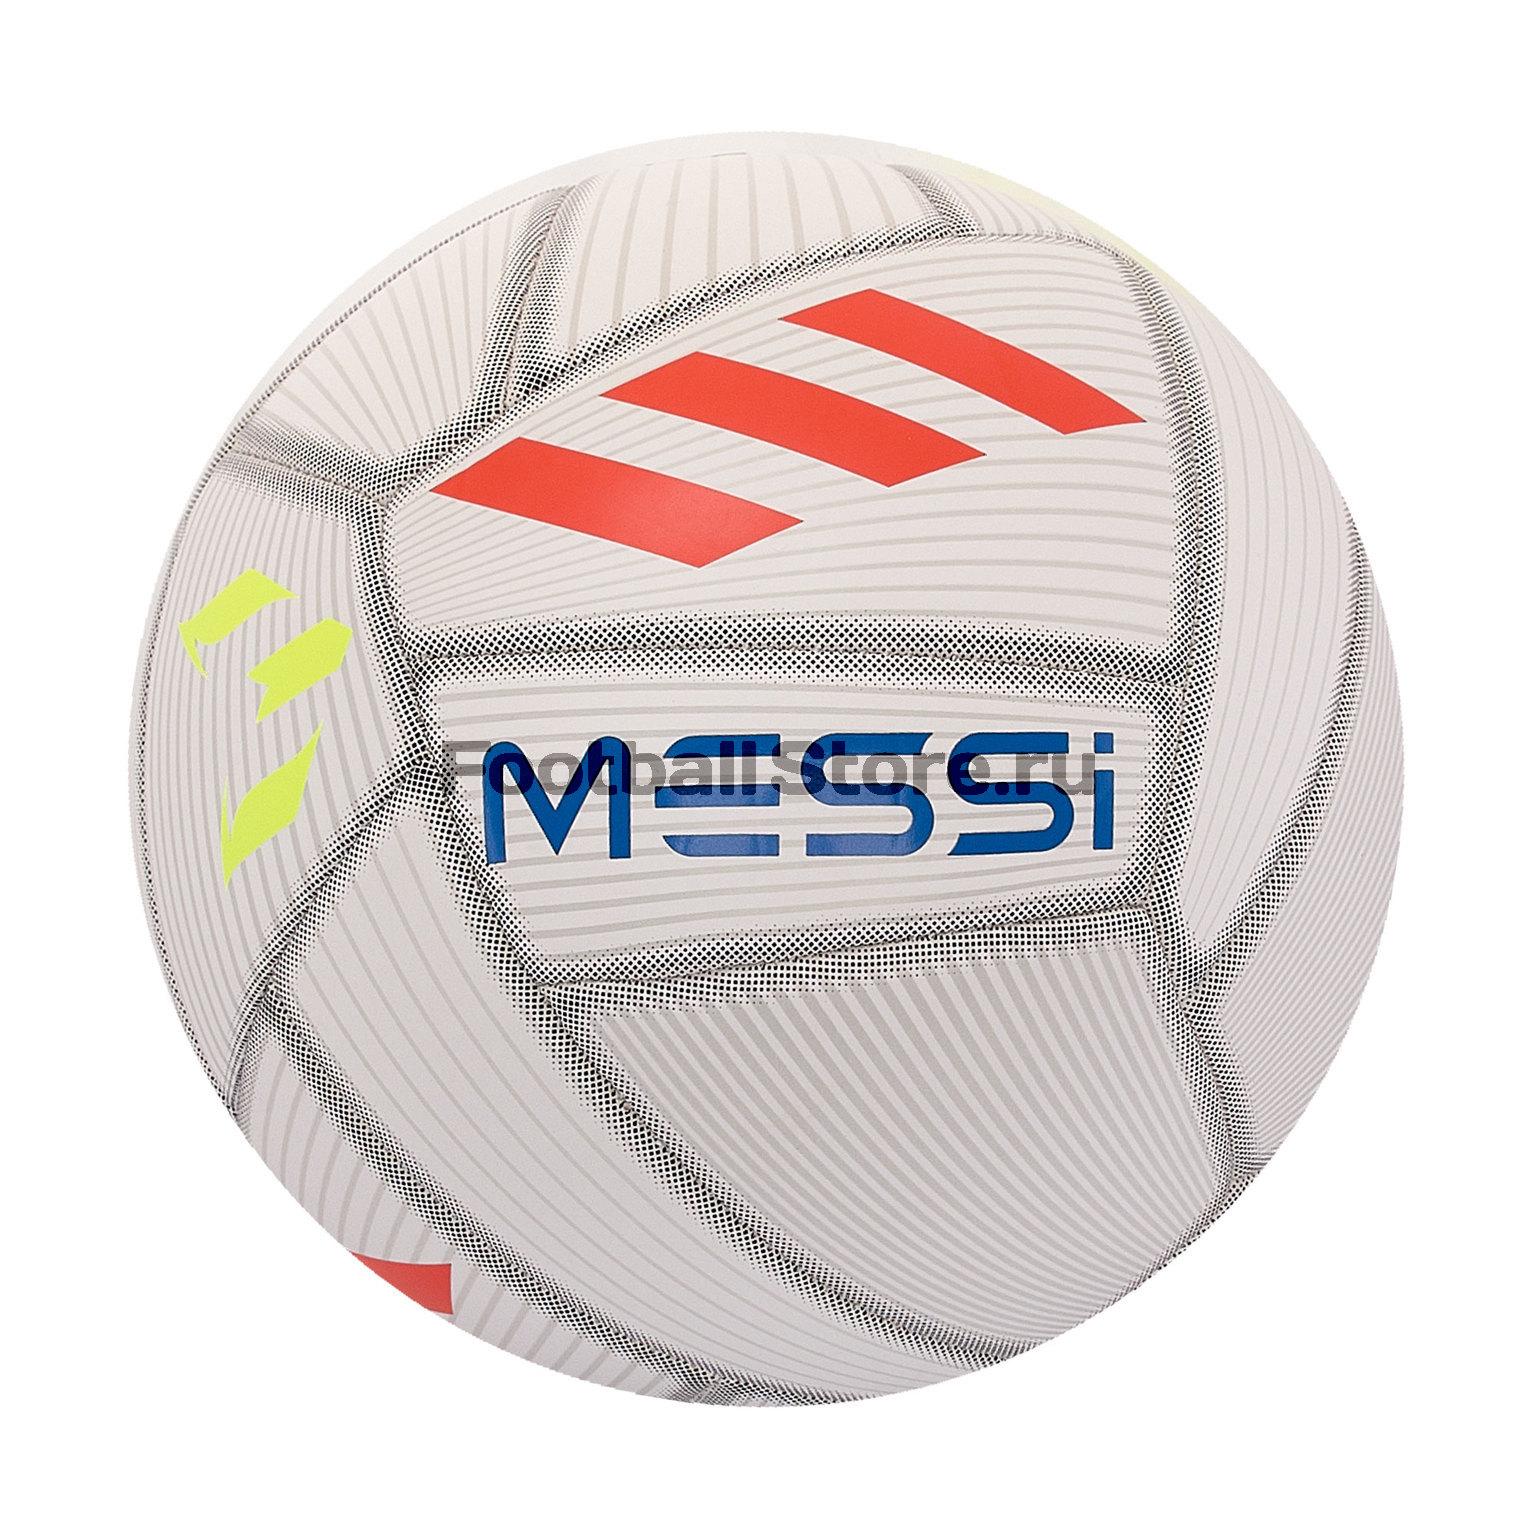 Футбольный мяч Adidas Messi DY2467